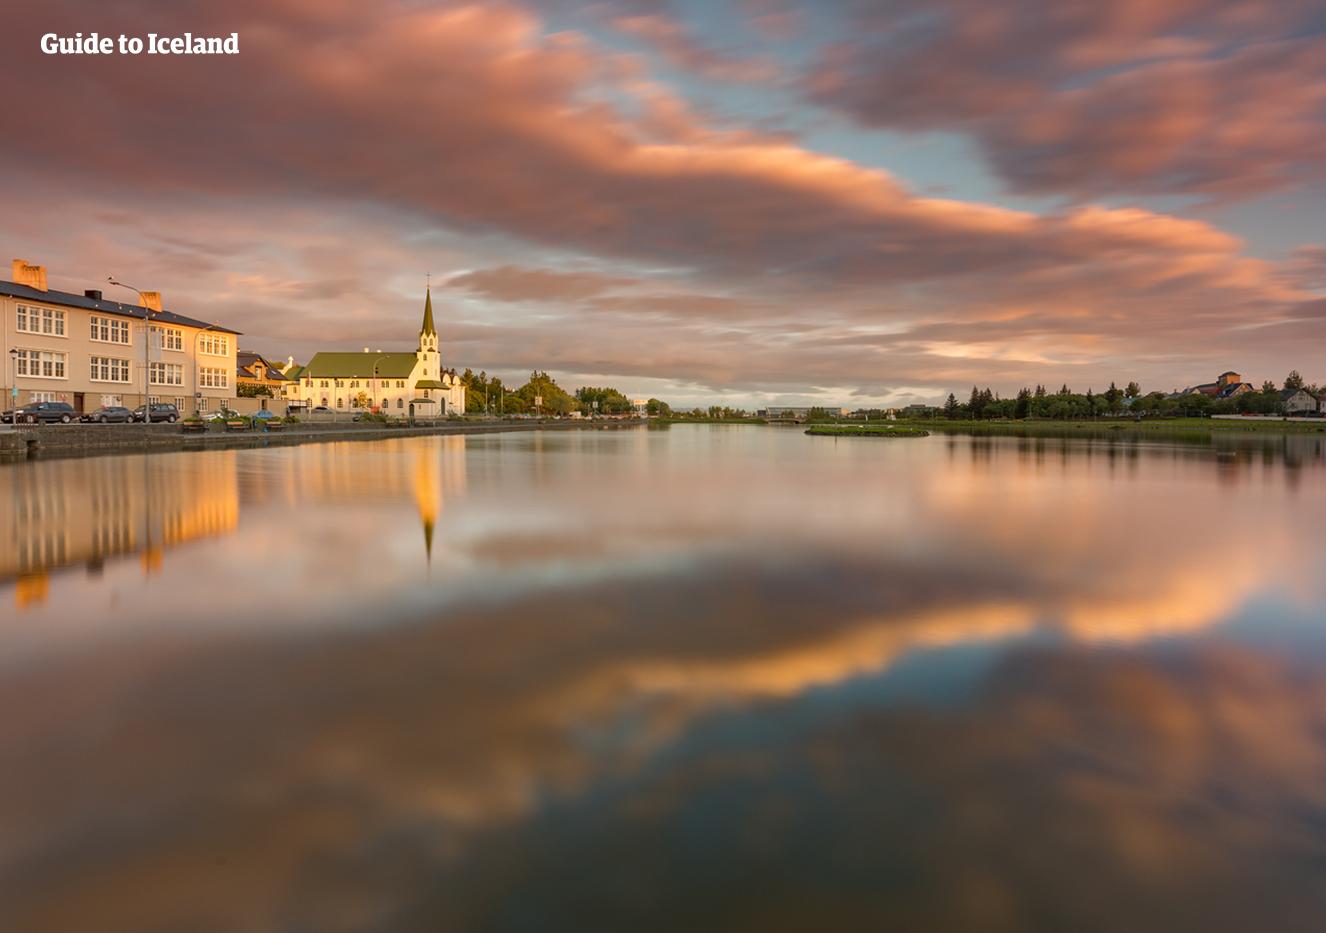 雷克雅未克是世界最北的首都。